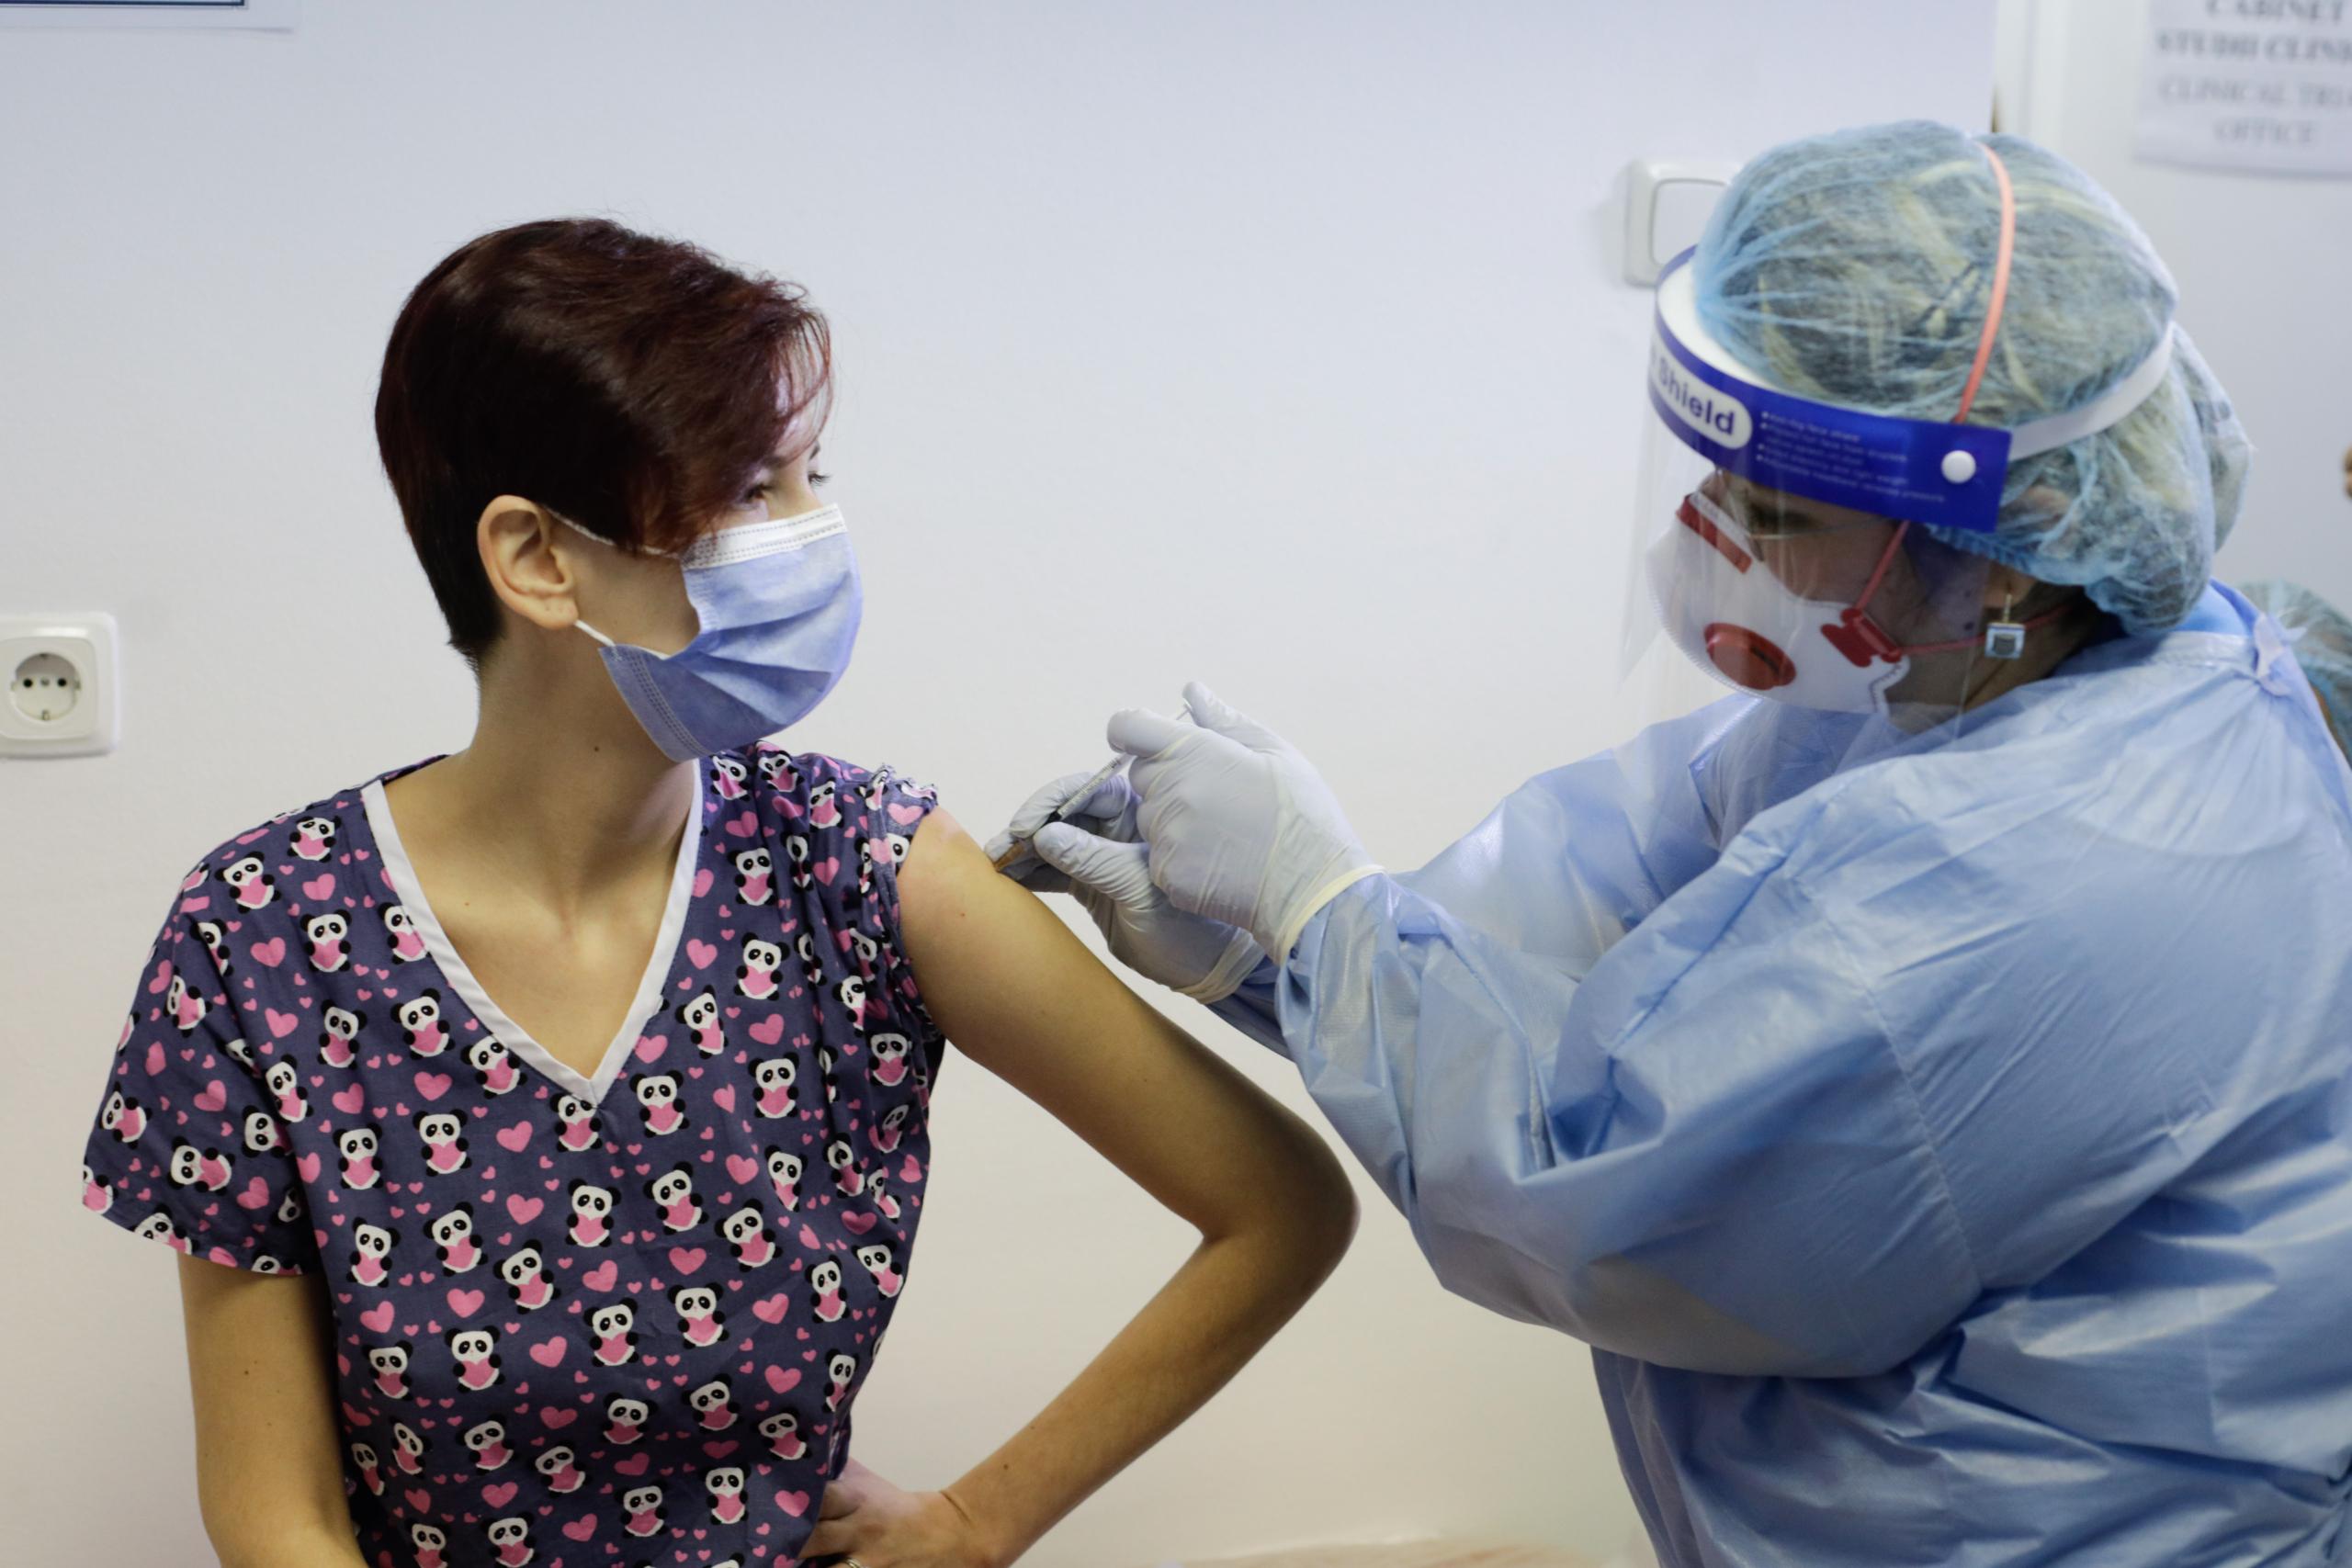 Anunţ: Vaccinul anti HPV poate fi administrat până în 45 de ani